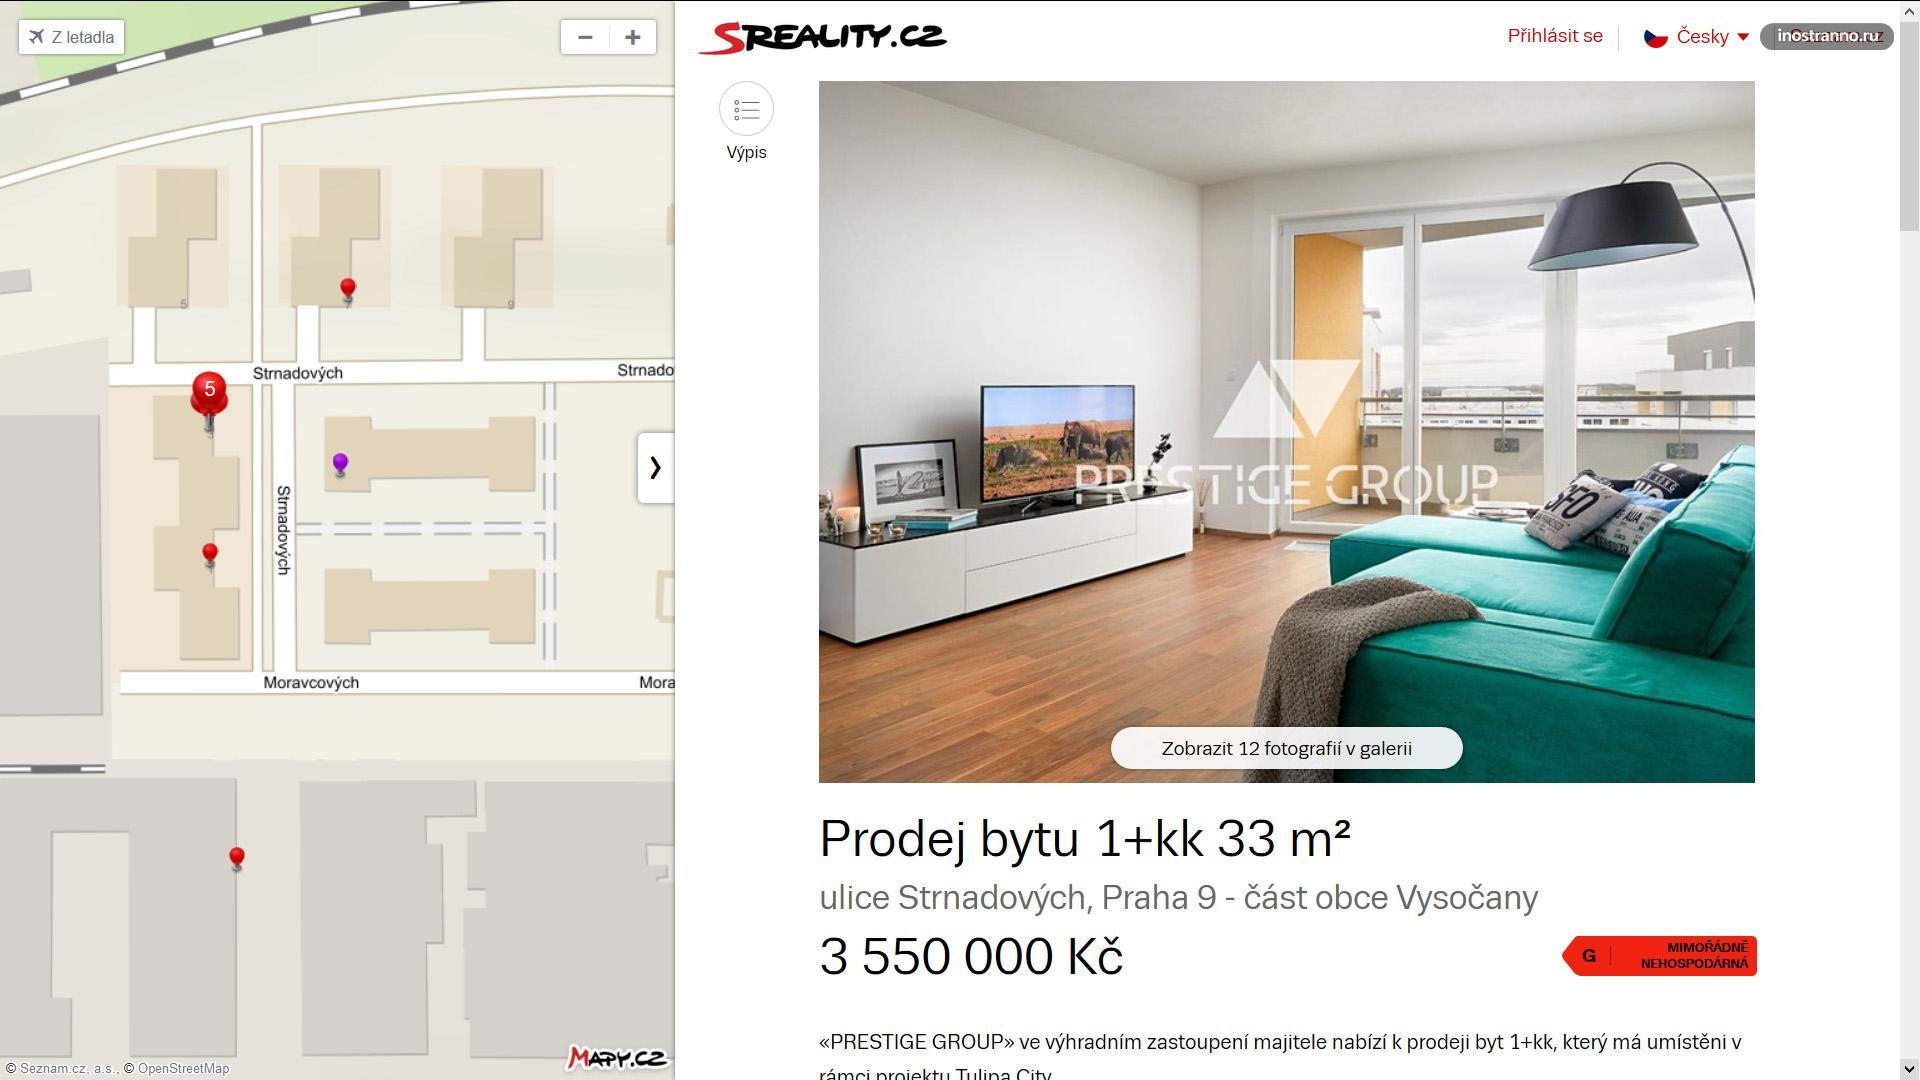 Цена однокомнатной квартиры в Праге новостройка